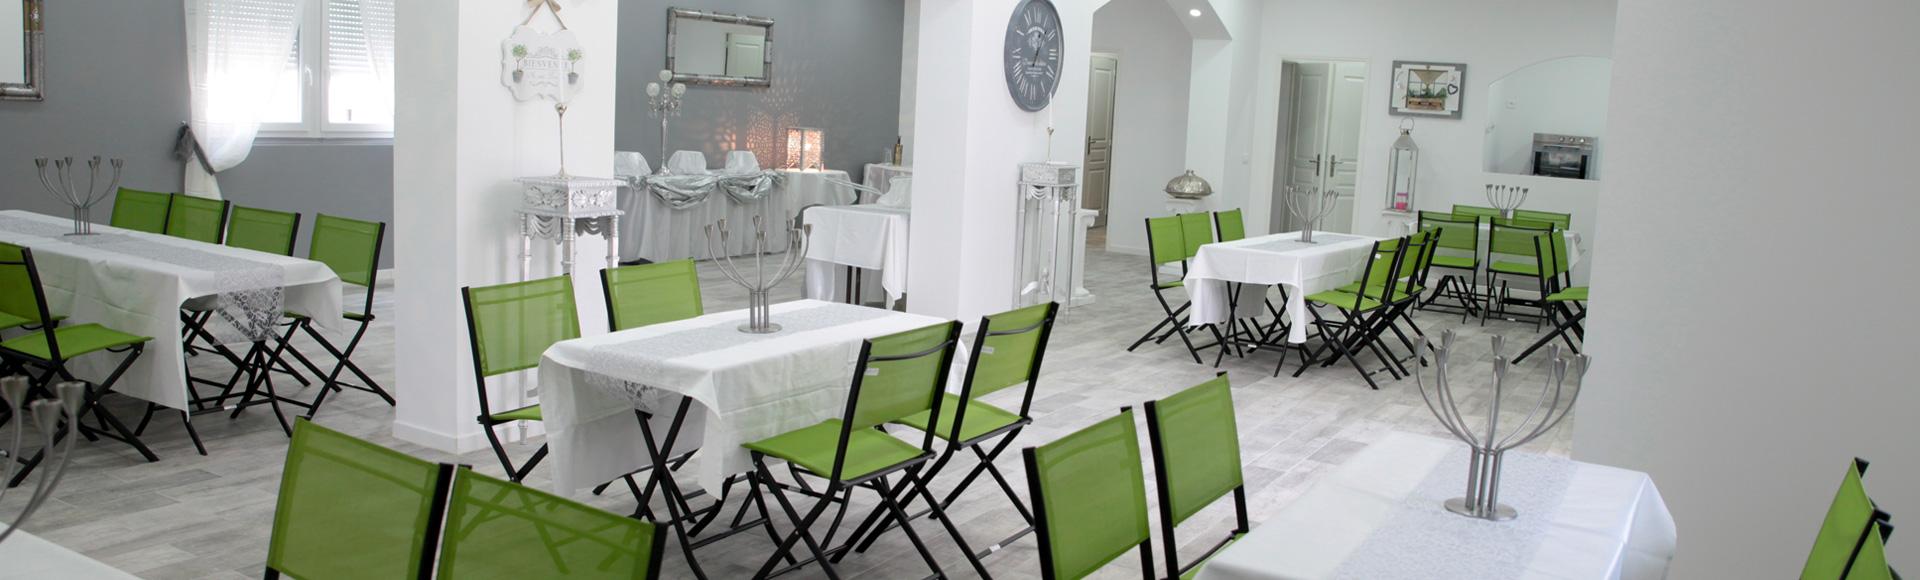 location salle Marseille Villa Florida